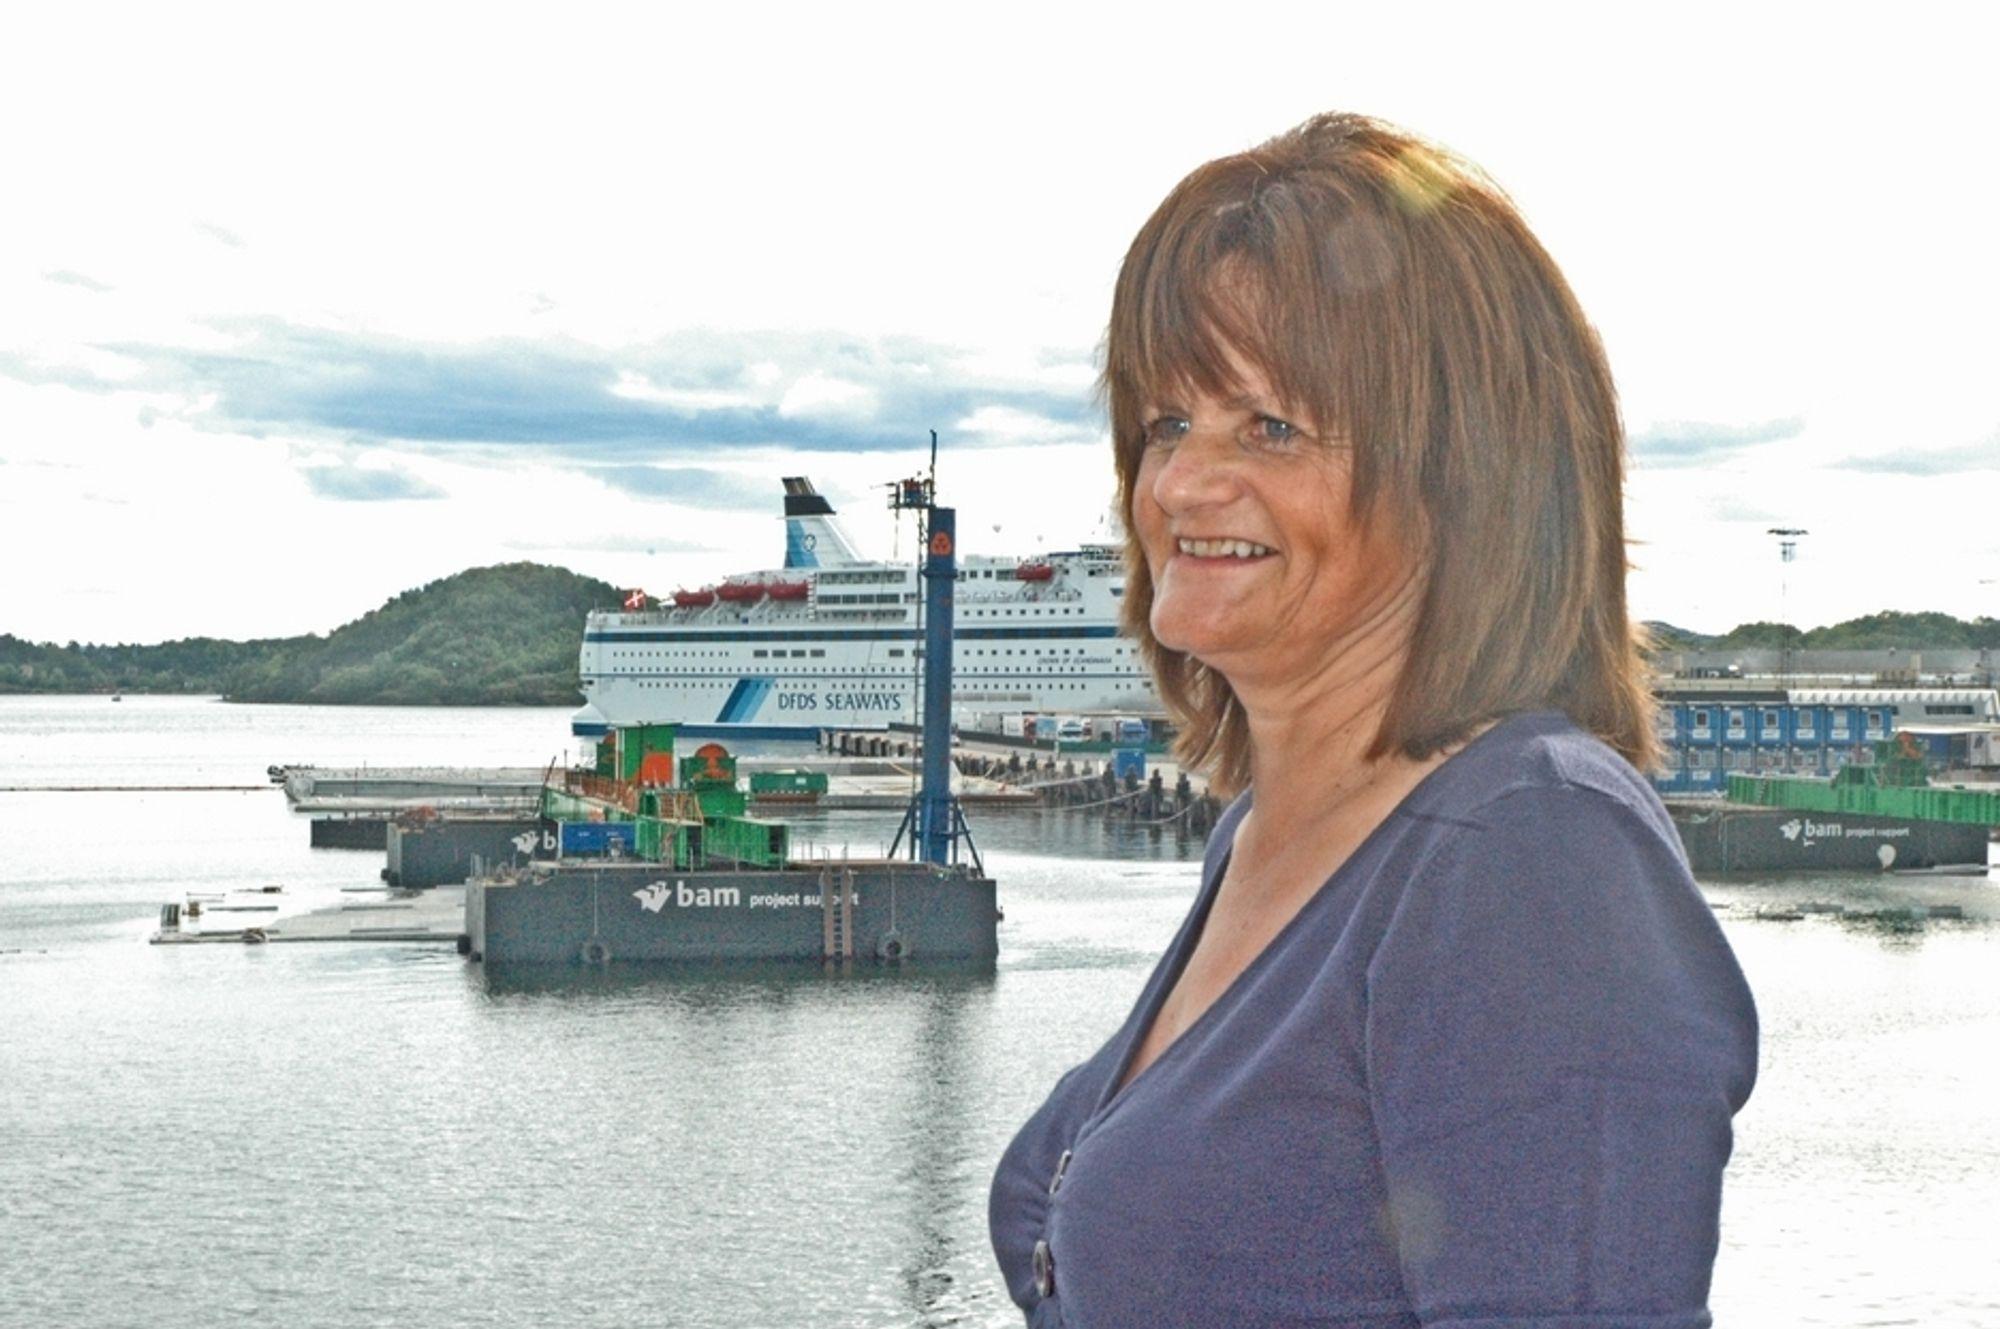 Gudmor Vigdis Amsjø Berge foran «Vigdis» som forsvinner i dypet bak henne. Hun tror ikke det er tilfeldig at det tyngste og mest uhåndterlige elementet ble oppkalt etter henne. (Foto: Anders Haakonsen)